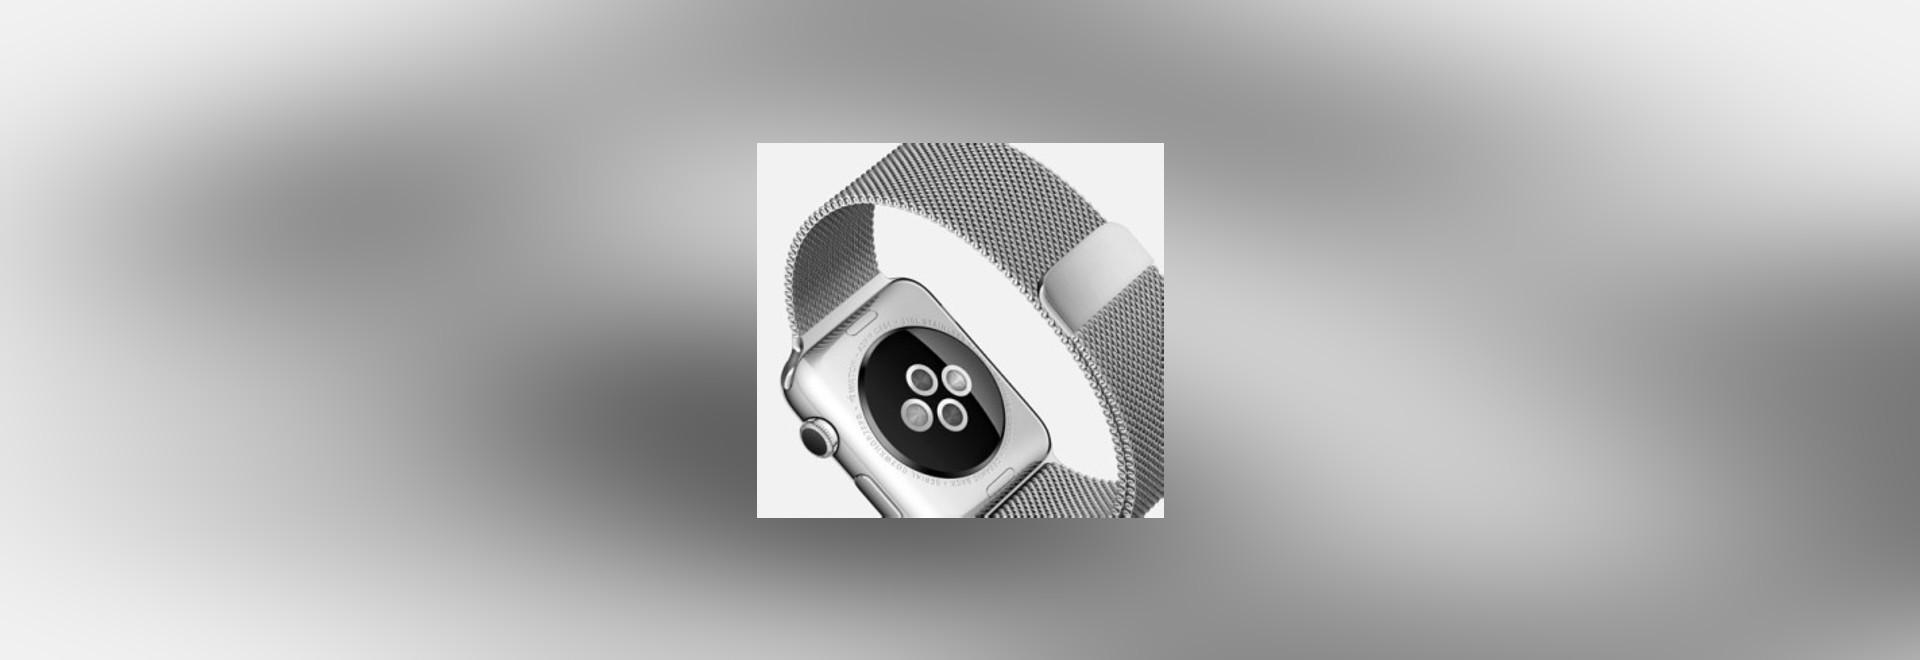 Más allá del reloj de Apple: Cómo los sensores de Quantum cambiarán el mundo